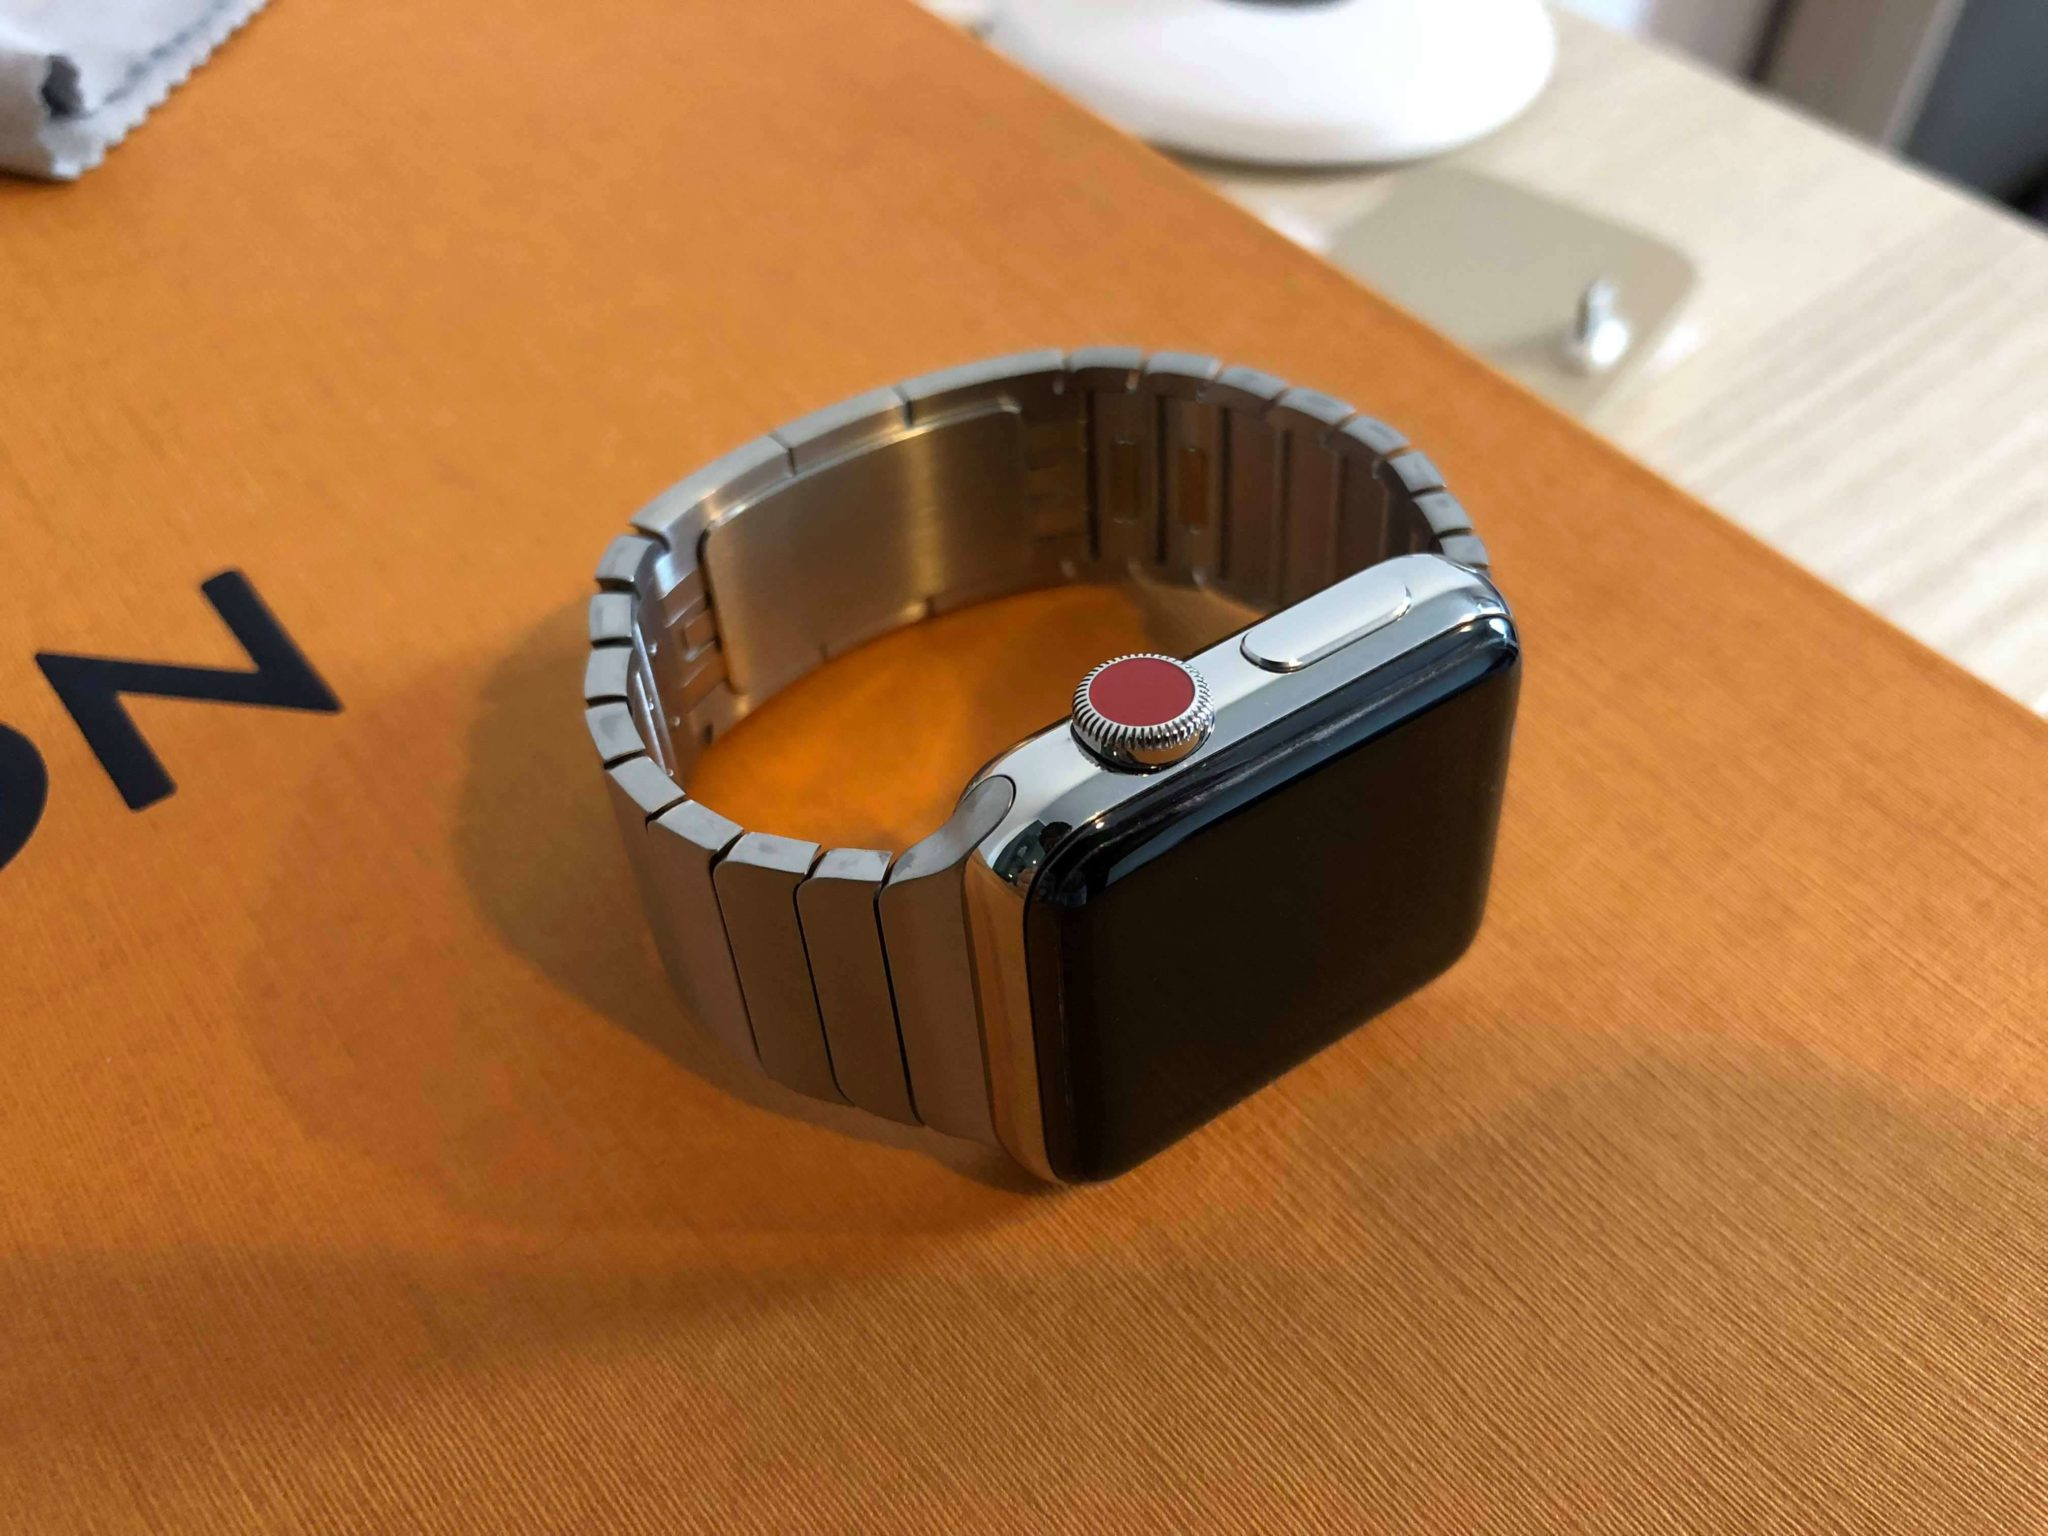 รีวิว Apple Watch LTE นาฬิกาแอปเปิ้ลใหม่ใส่ซิม โทรได้แม้ไร้ iPhone 27 - Smart Home